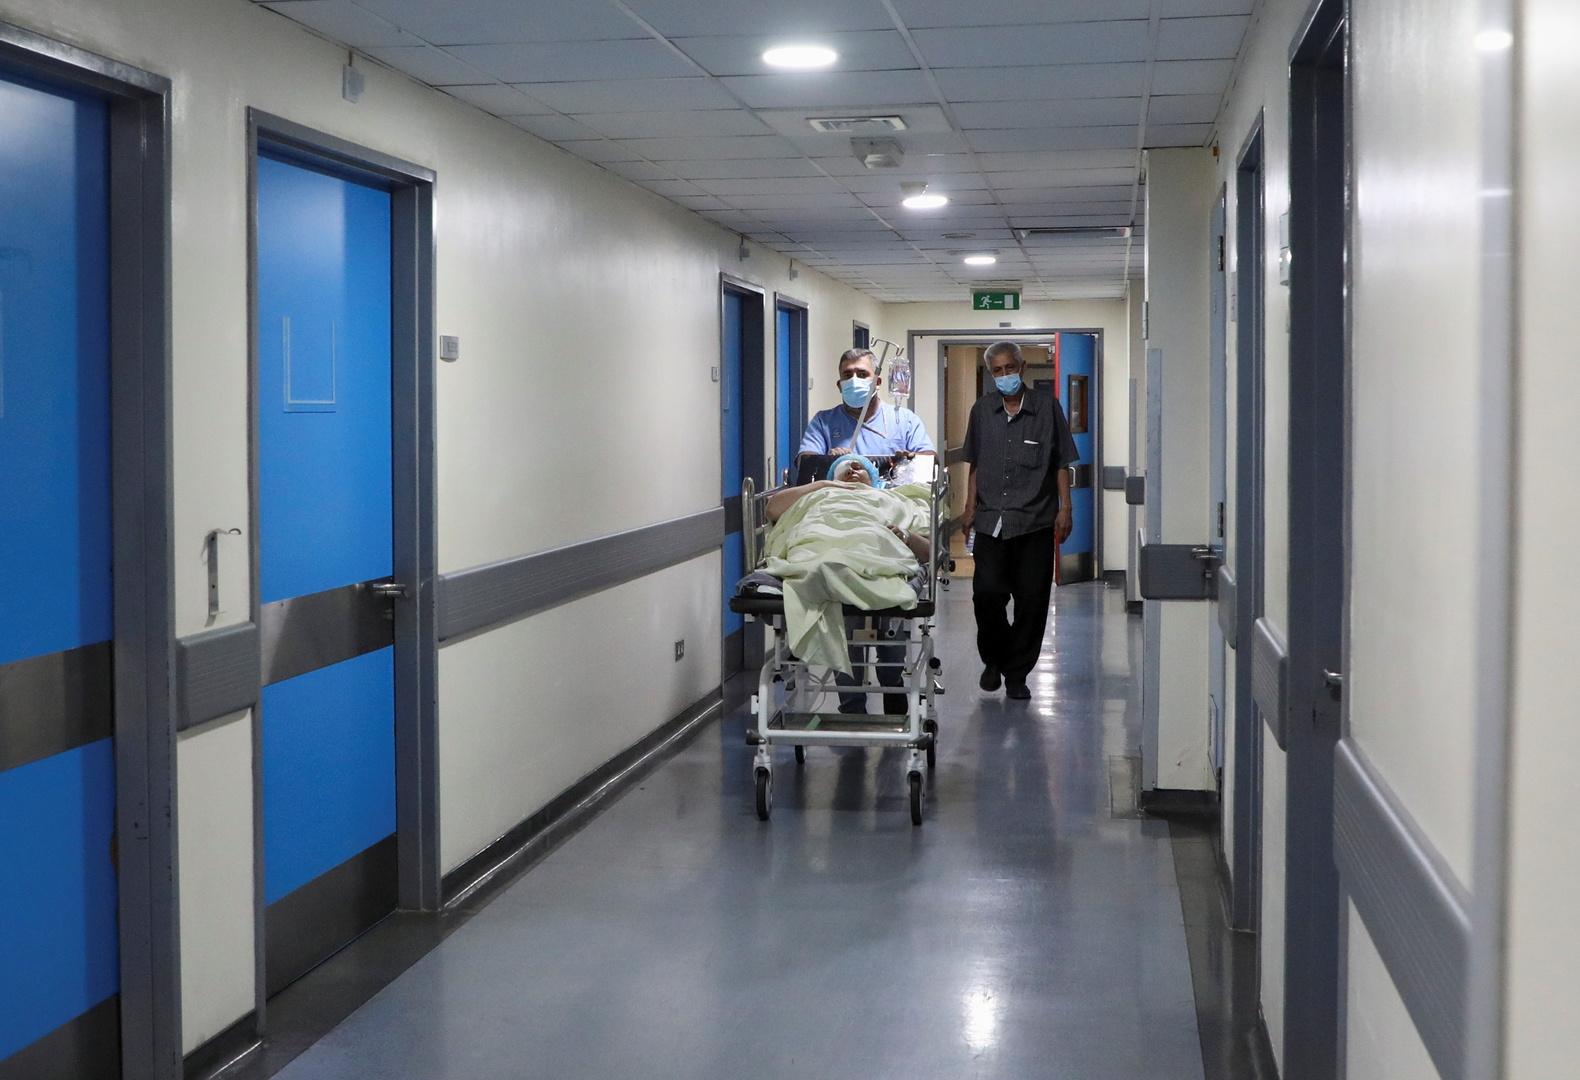 لبنان.. الكهرباء مقطوعة عن مستشفى رفيق الحريري منذ 3 أيام